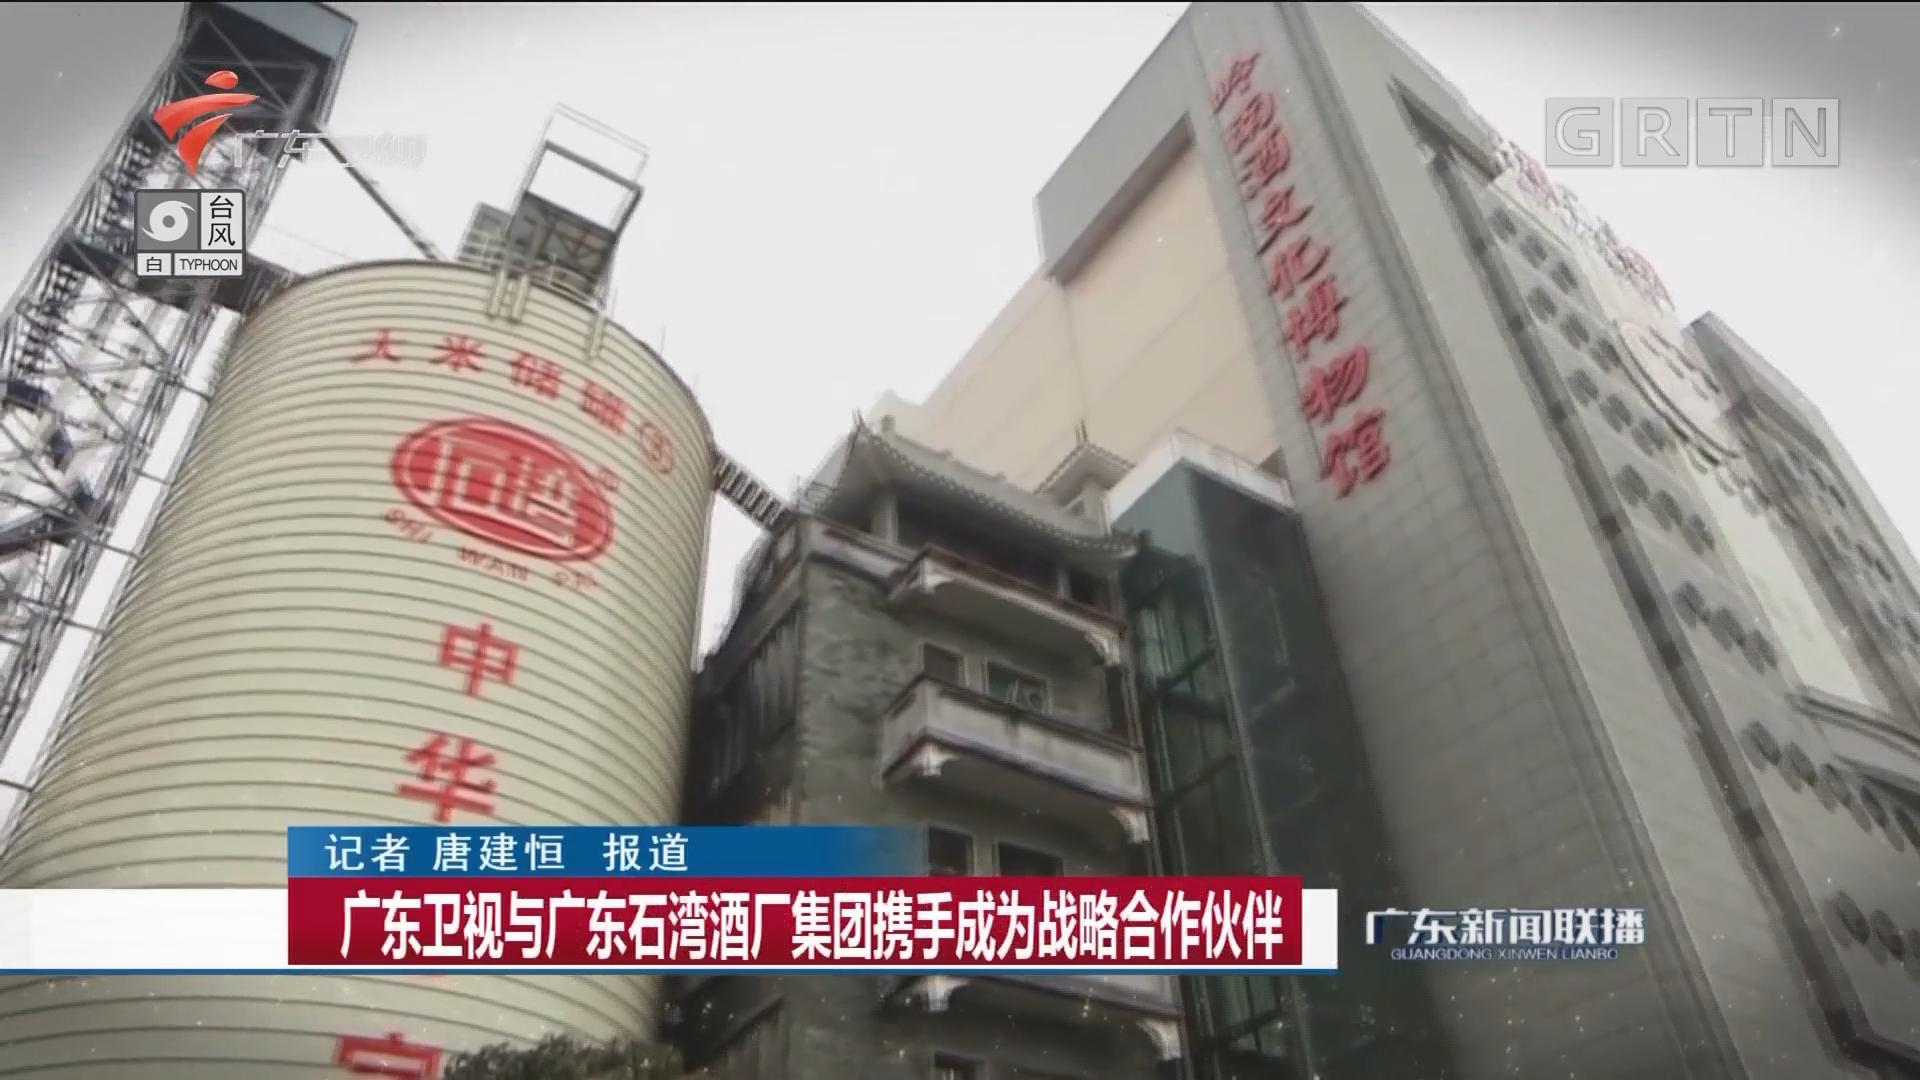 广东卫视与广东石湾酒厂集团携手成为战略合作伙伴